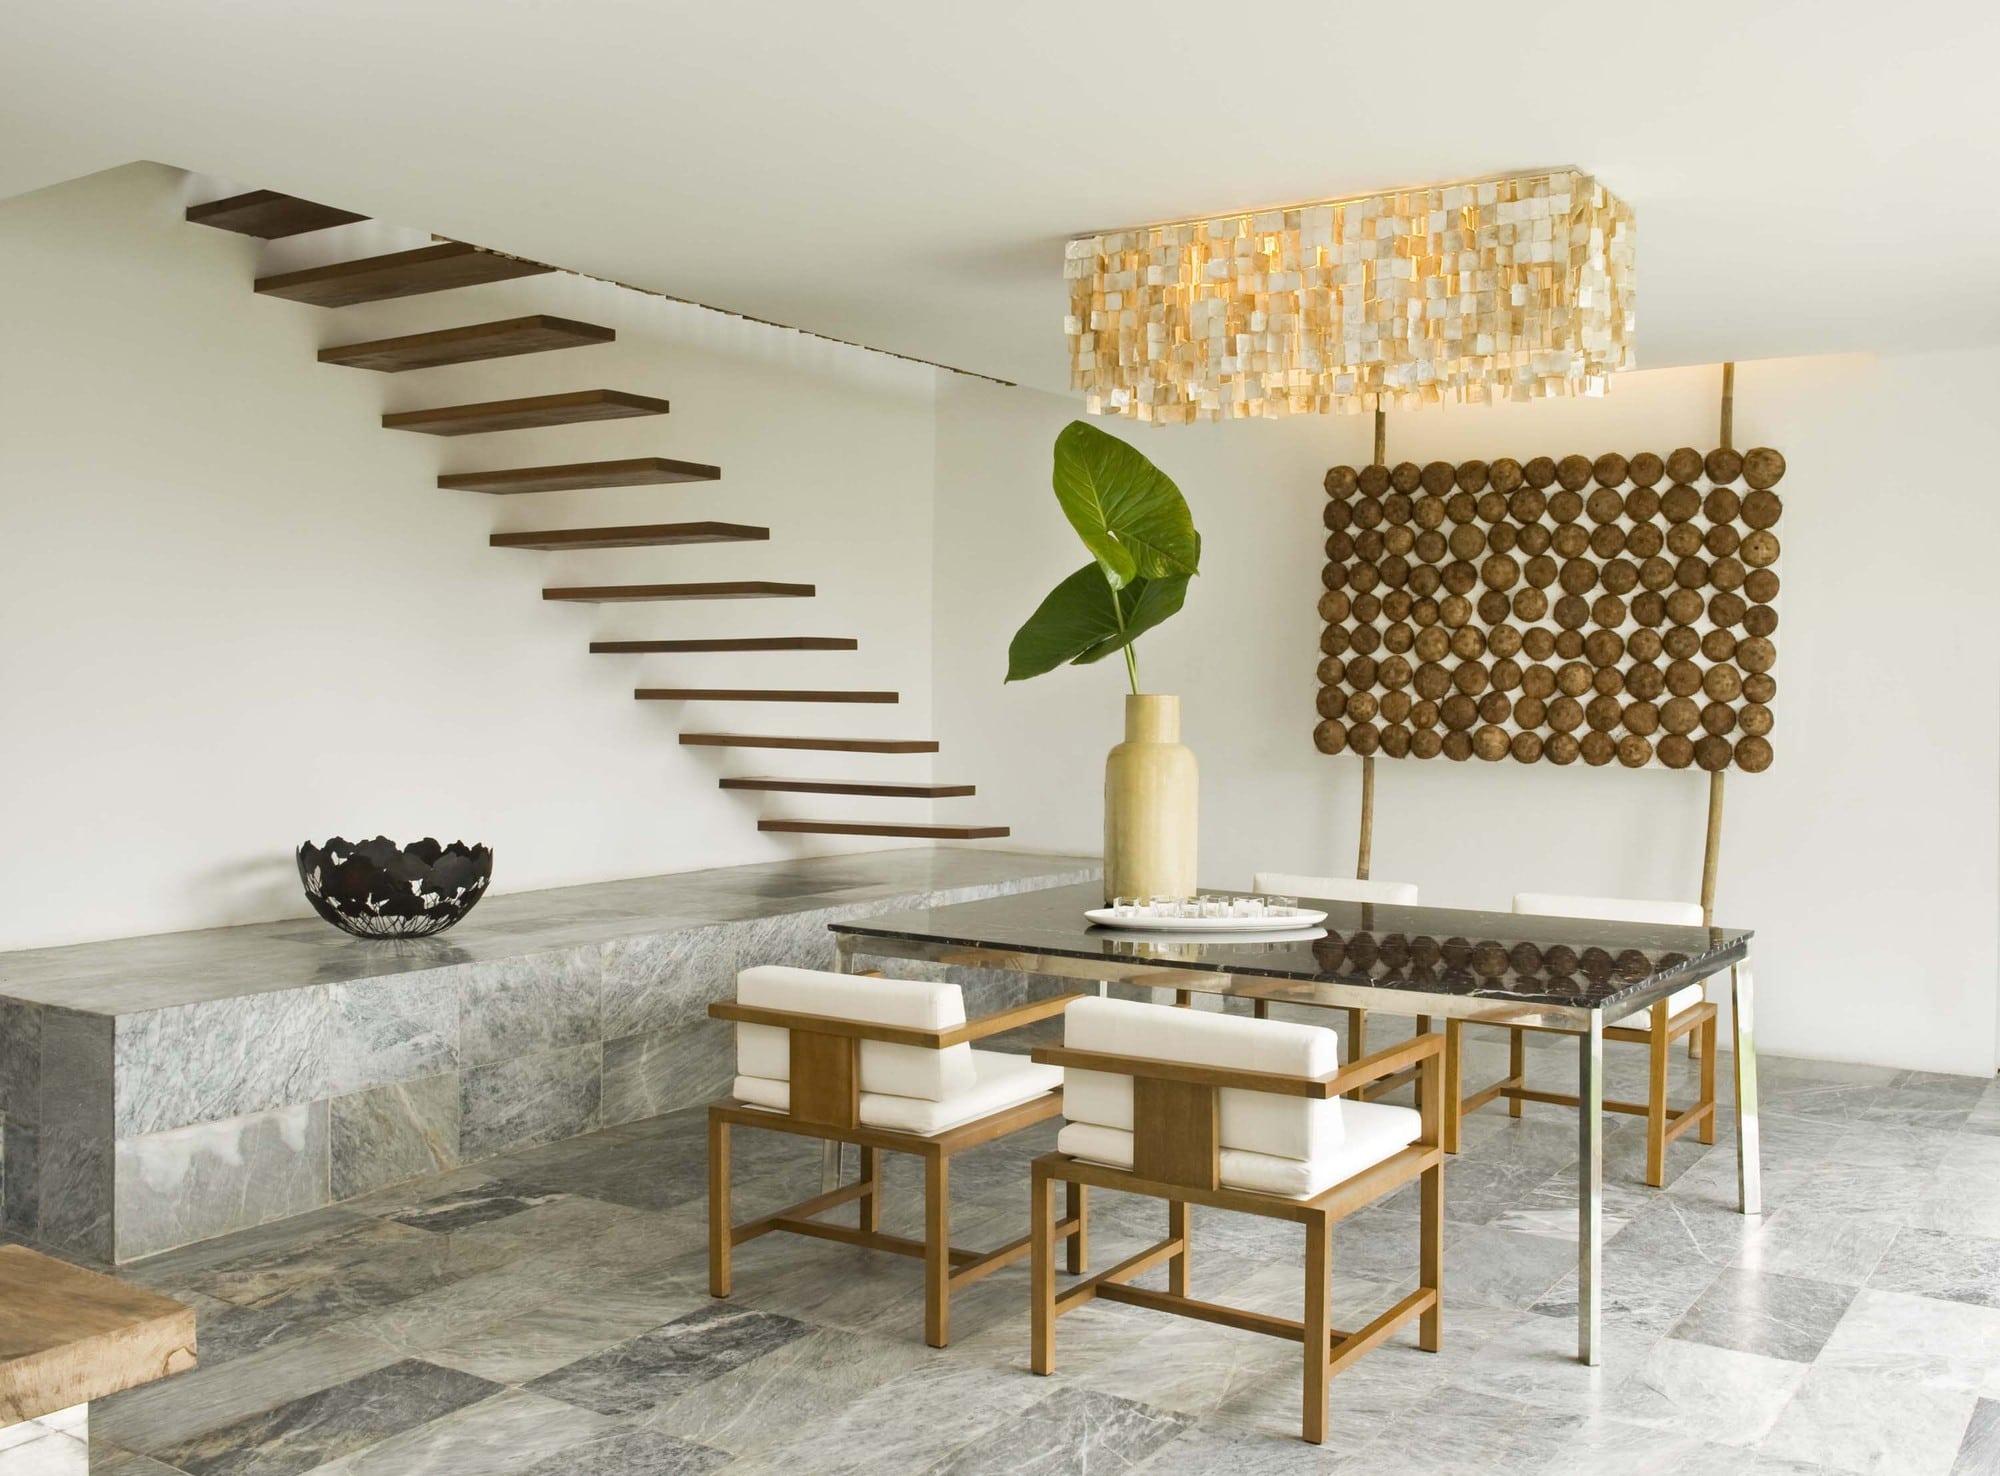 Dise o de casa r stica fachada interiores y planos for Materiales para techos de casas